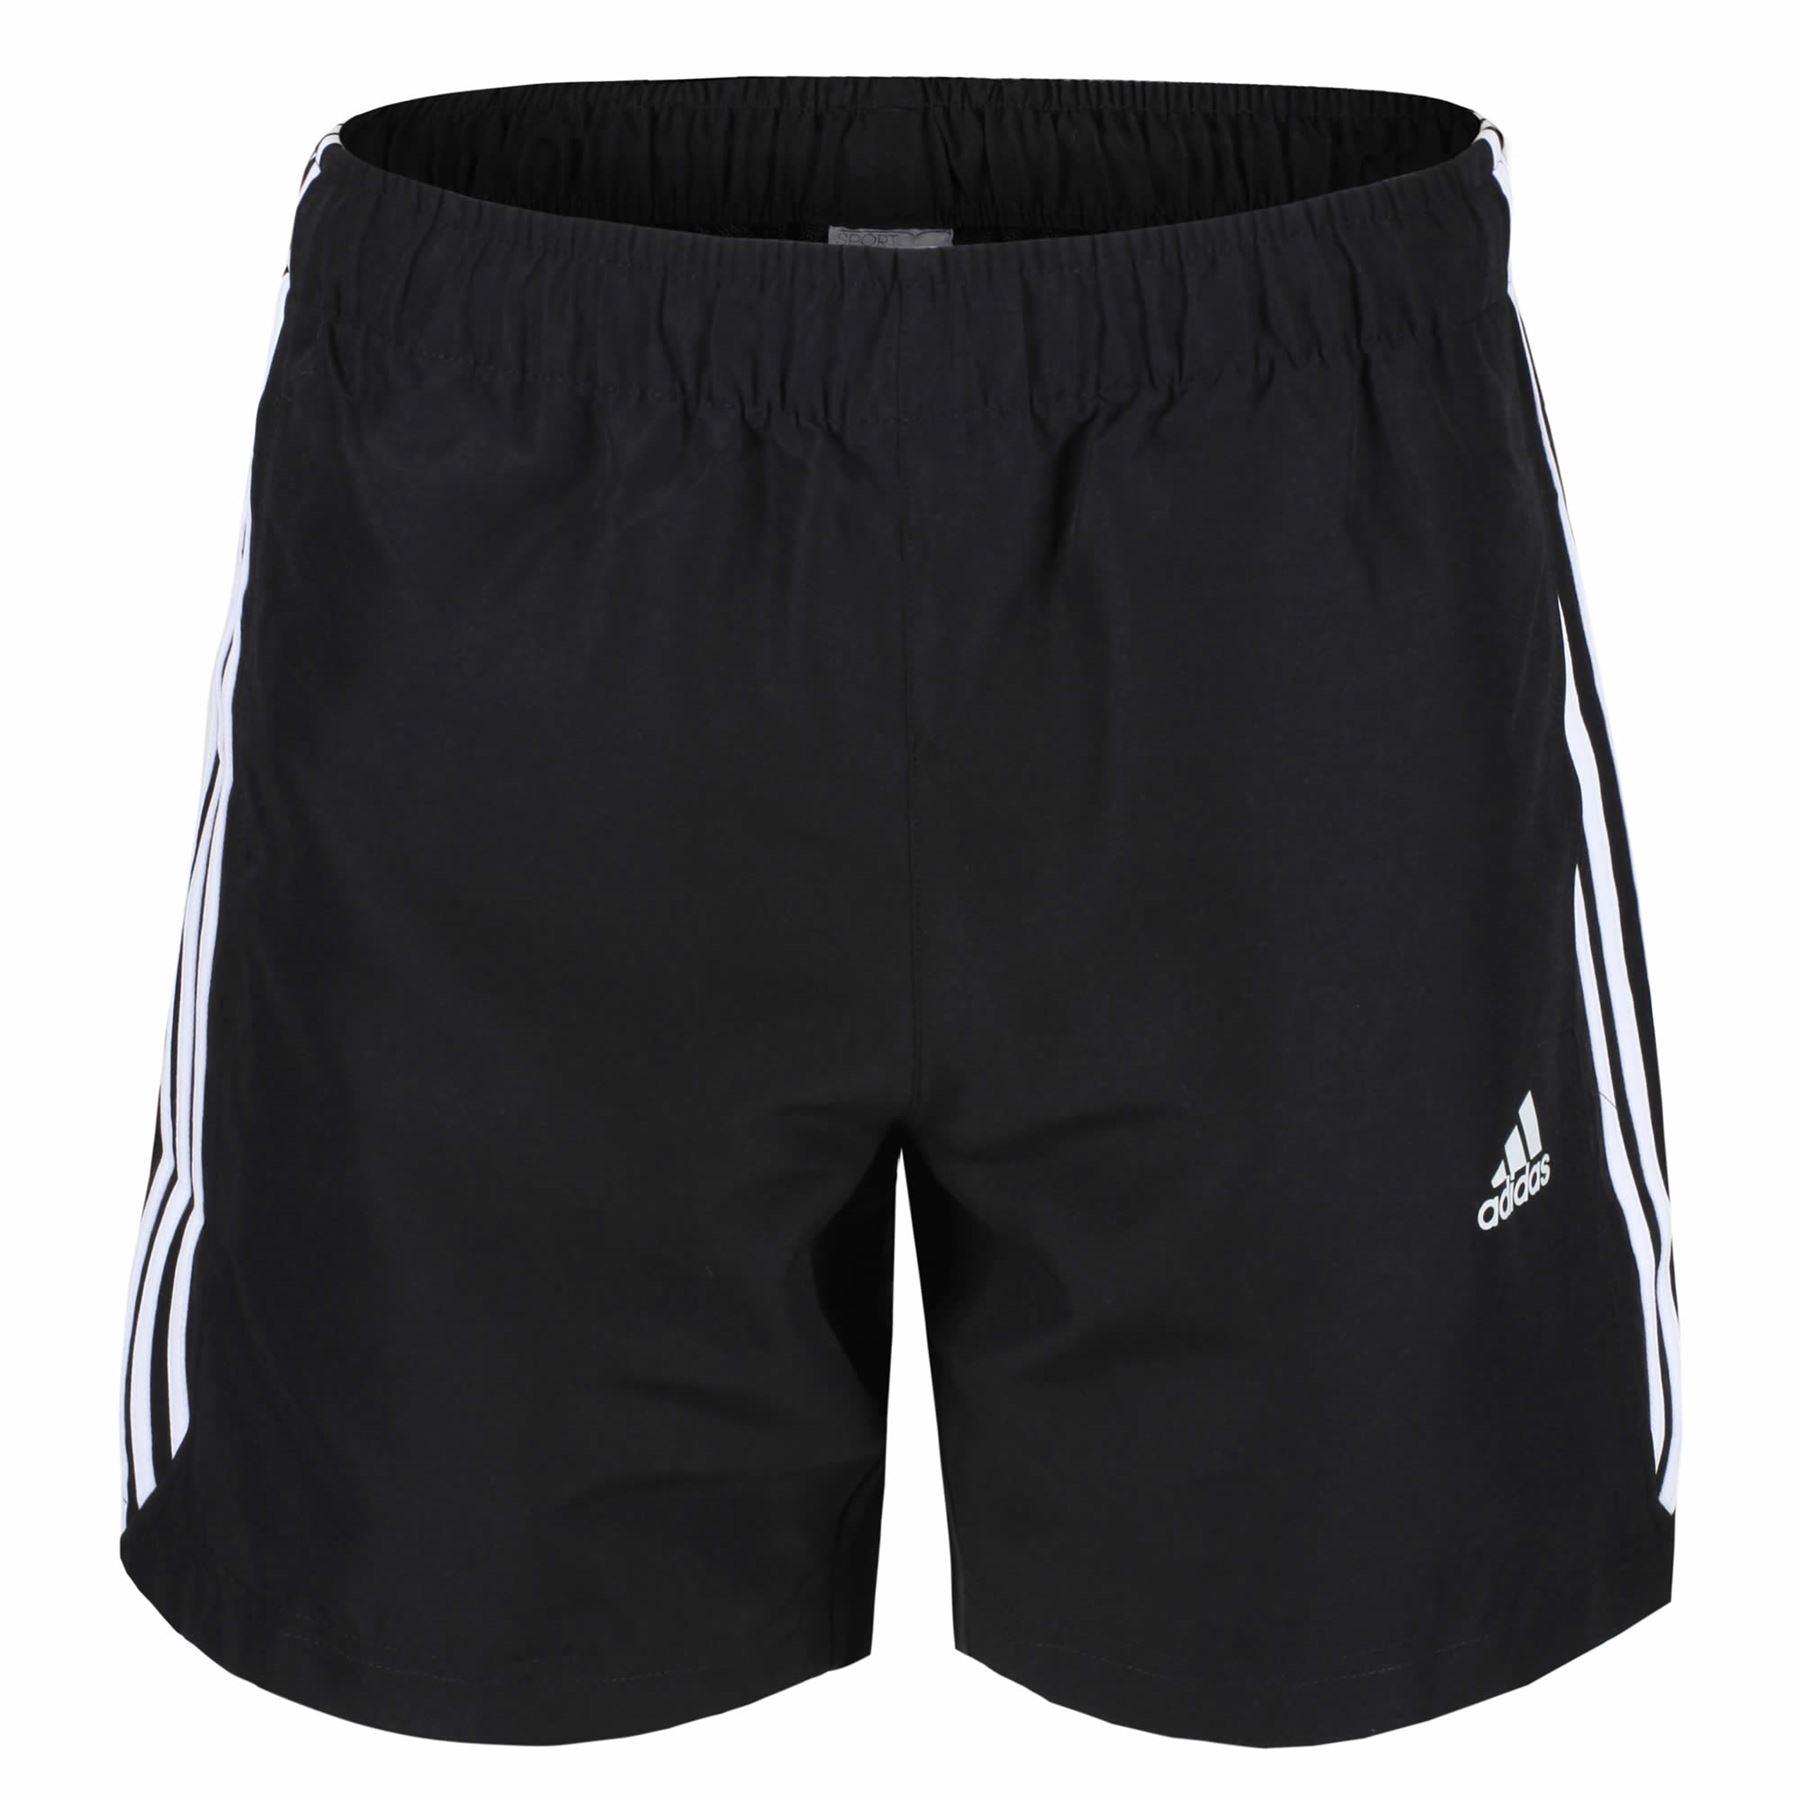 Adidas ESSENTIALS 3 STRIPE CHELSEA SHORTS Herren schwarz weißen CLIMALITE  GYM 5e8876ae5c